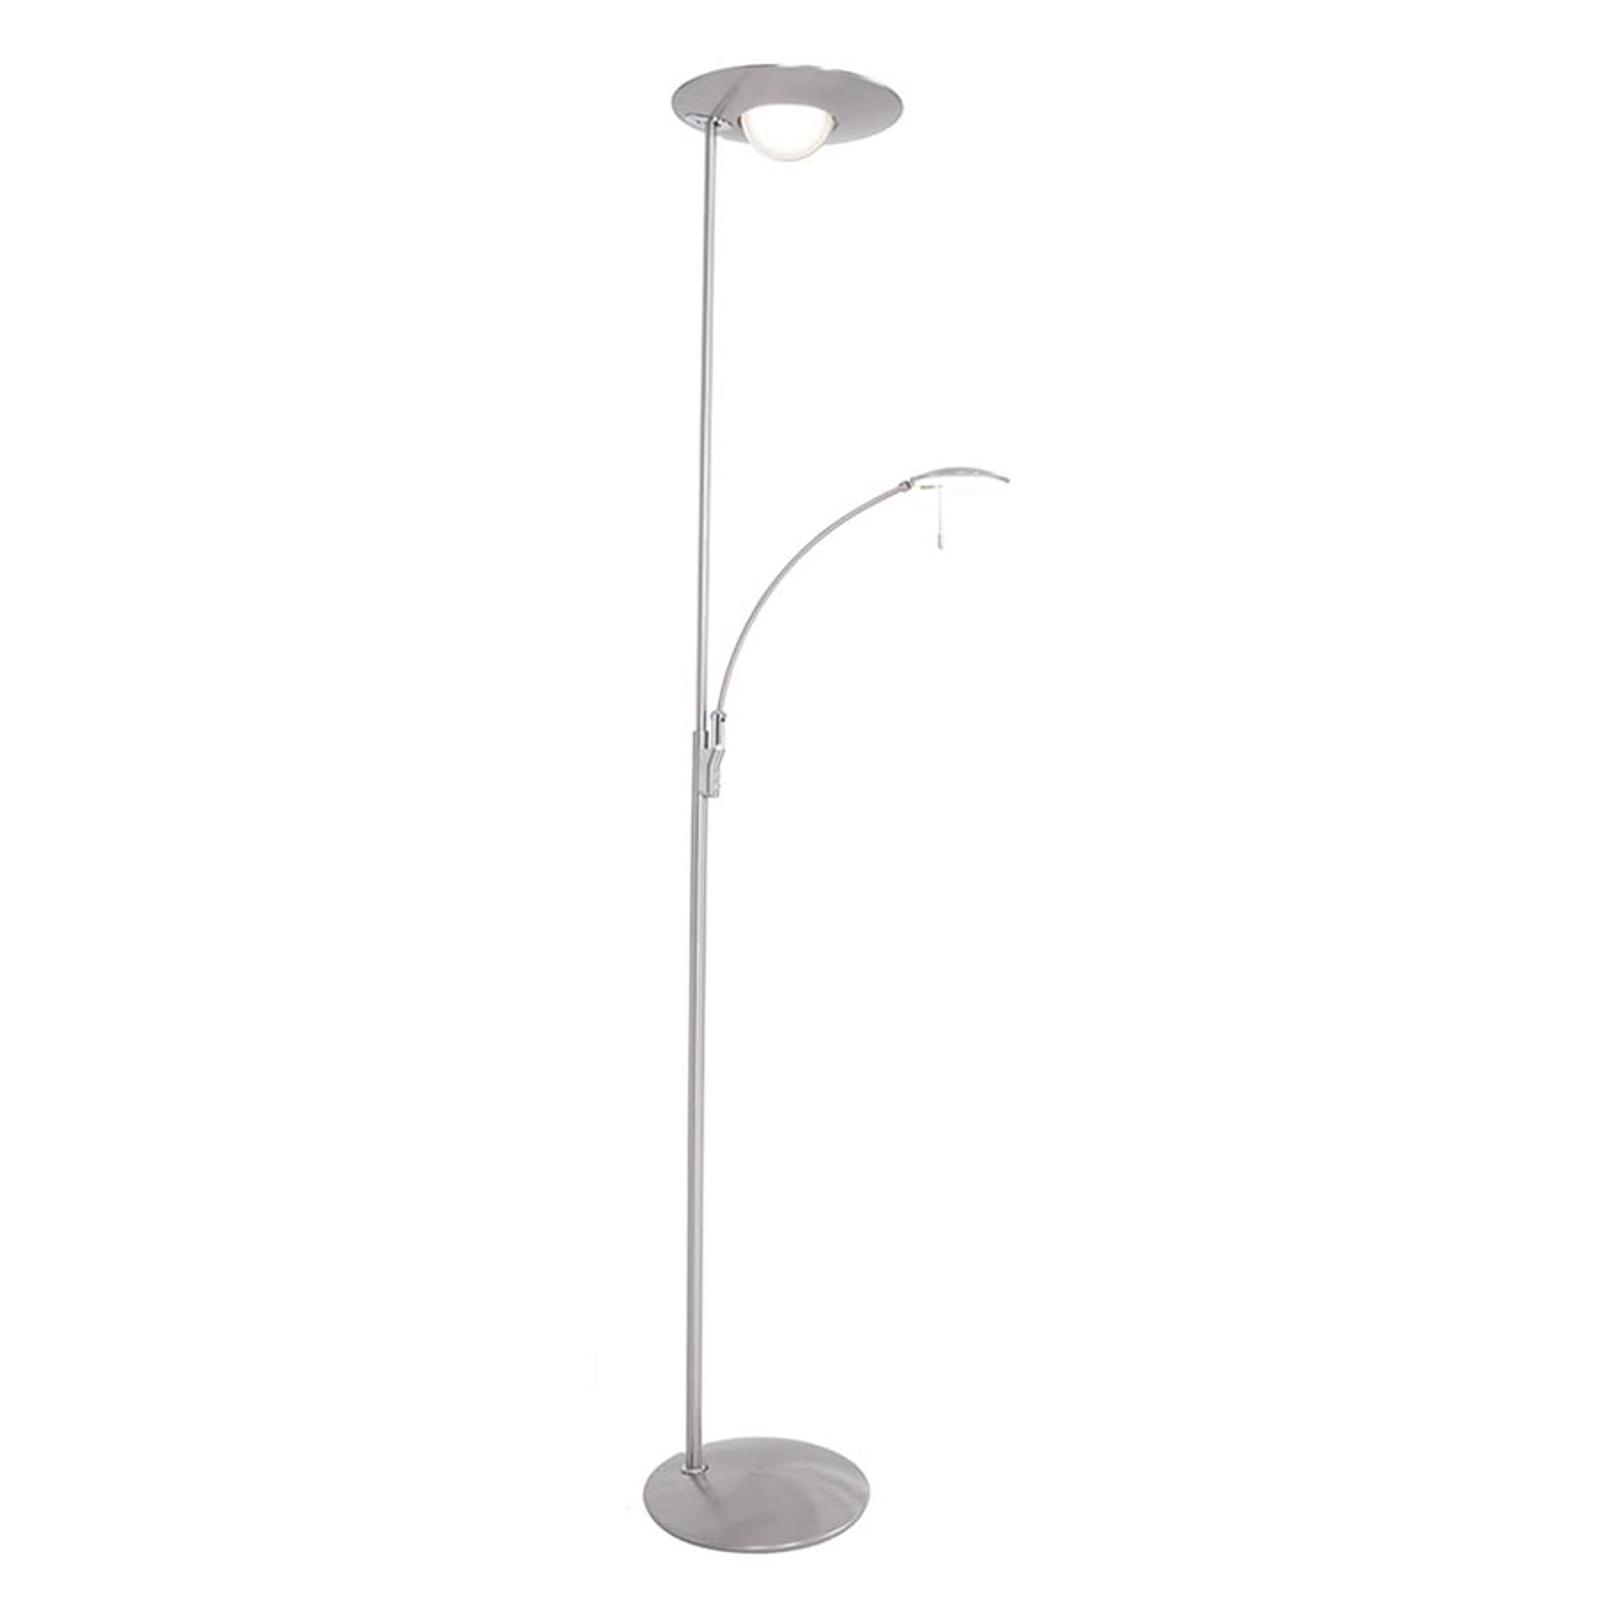 Lampa stojąca LED Zenith z lampką do czytania